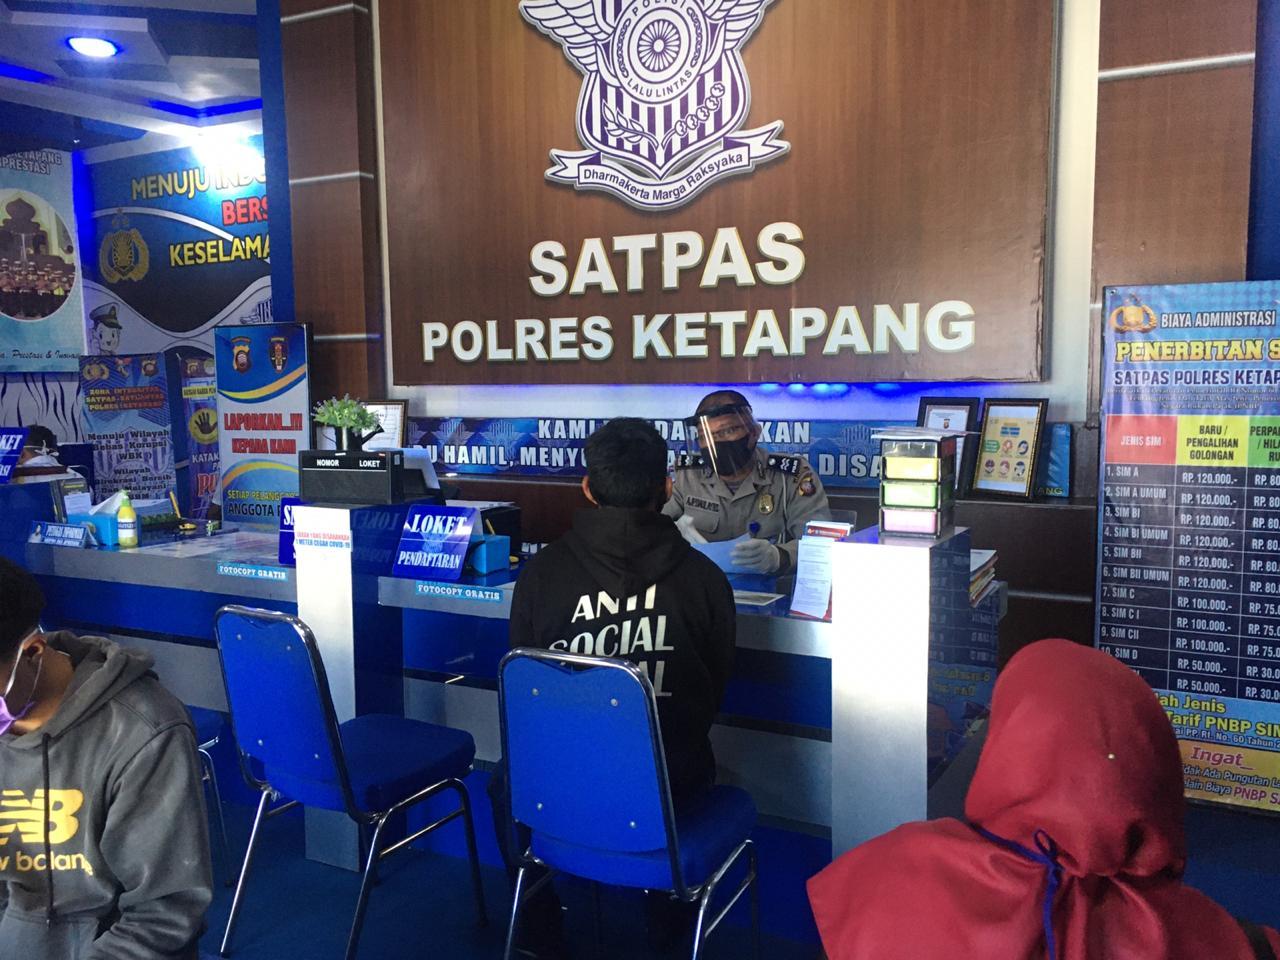 Satlantas Polres Ketapang Lakukan Physical Distancing dalam Pelayanan Penerbitan SIM